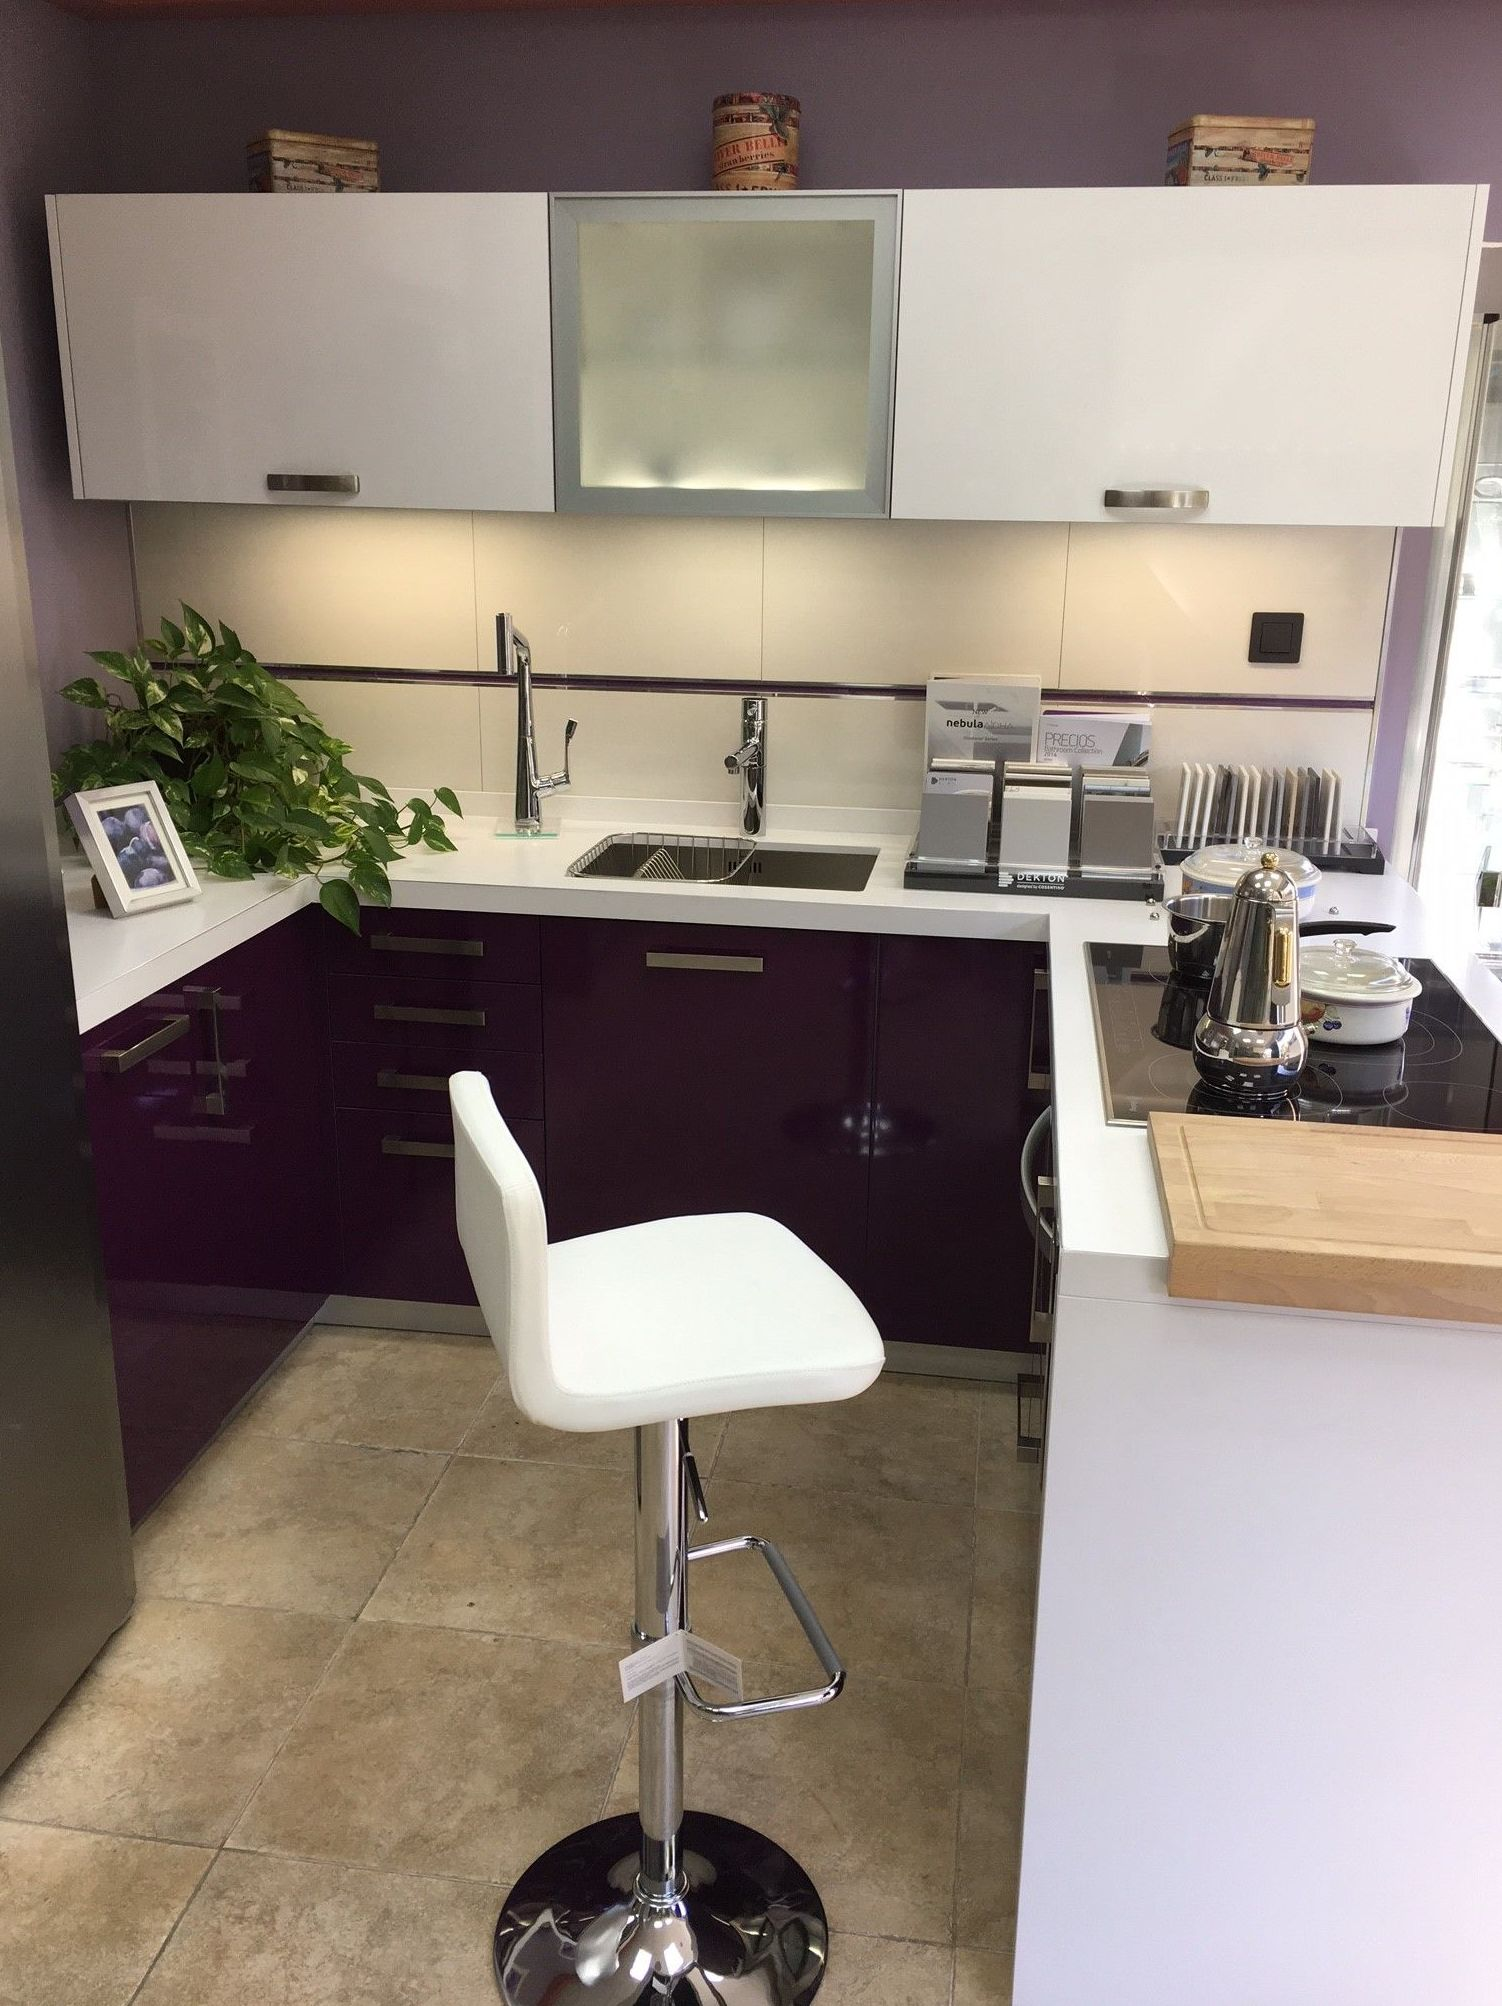 Foto 17 de Muebles de baño y cocina en Madrid | Atrezzo Cocina y Baño